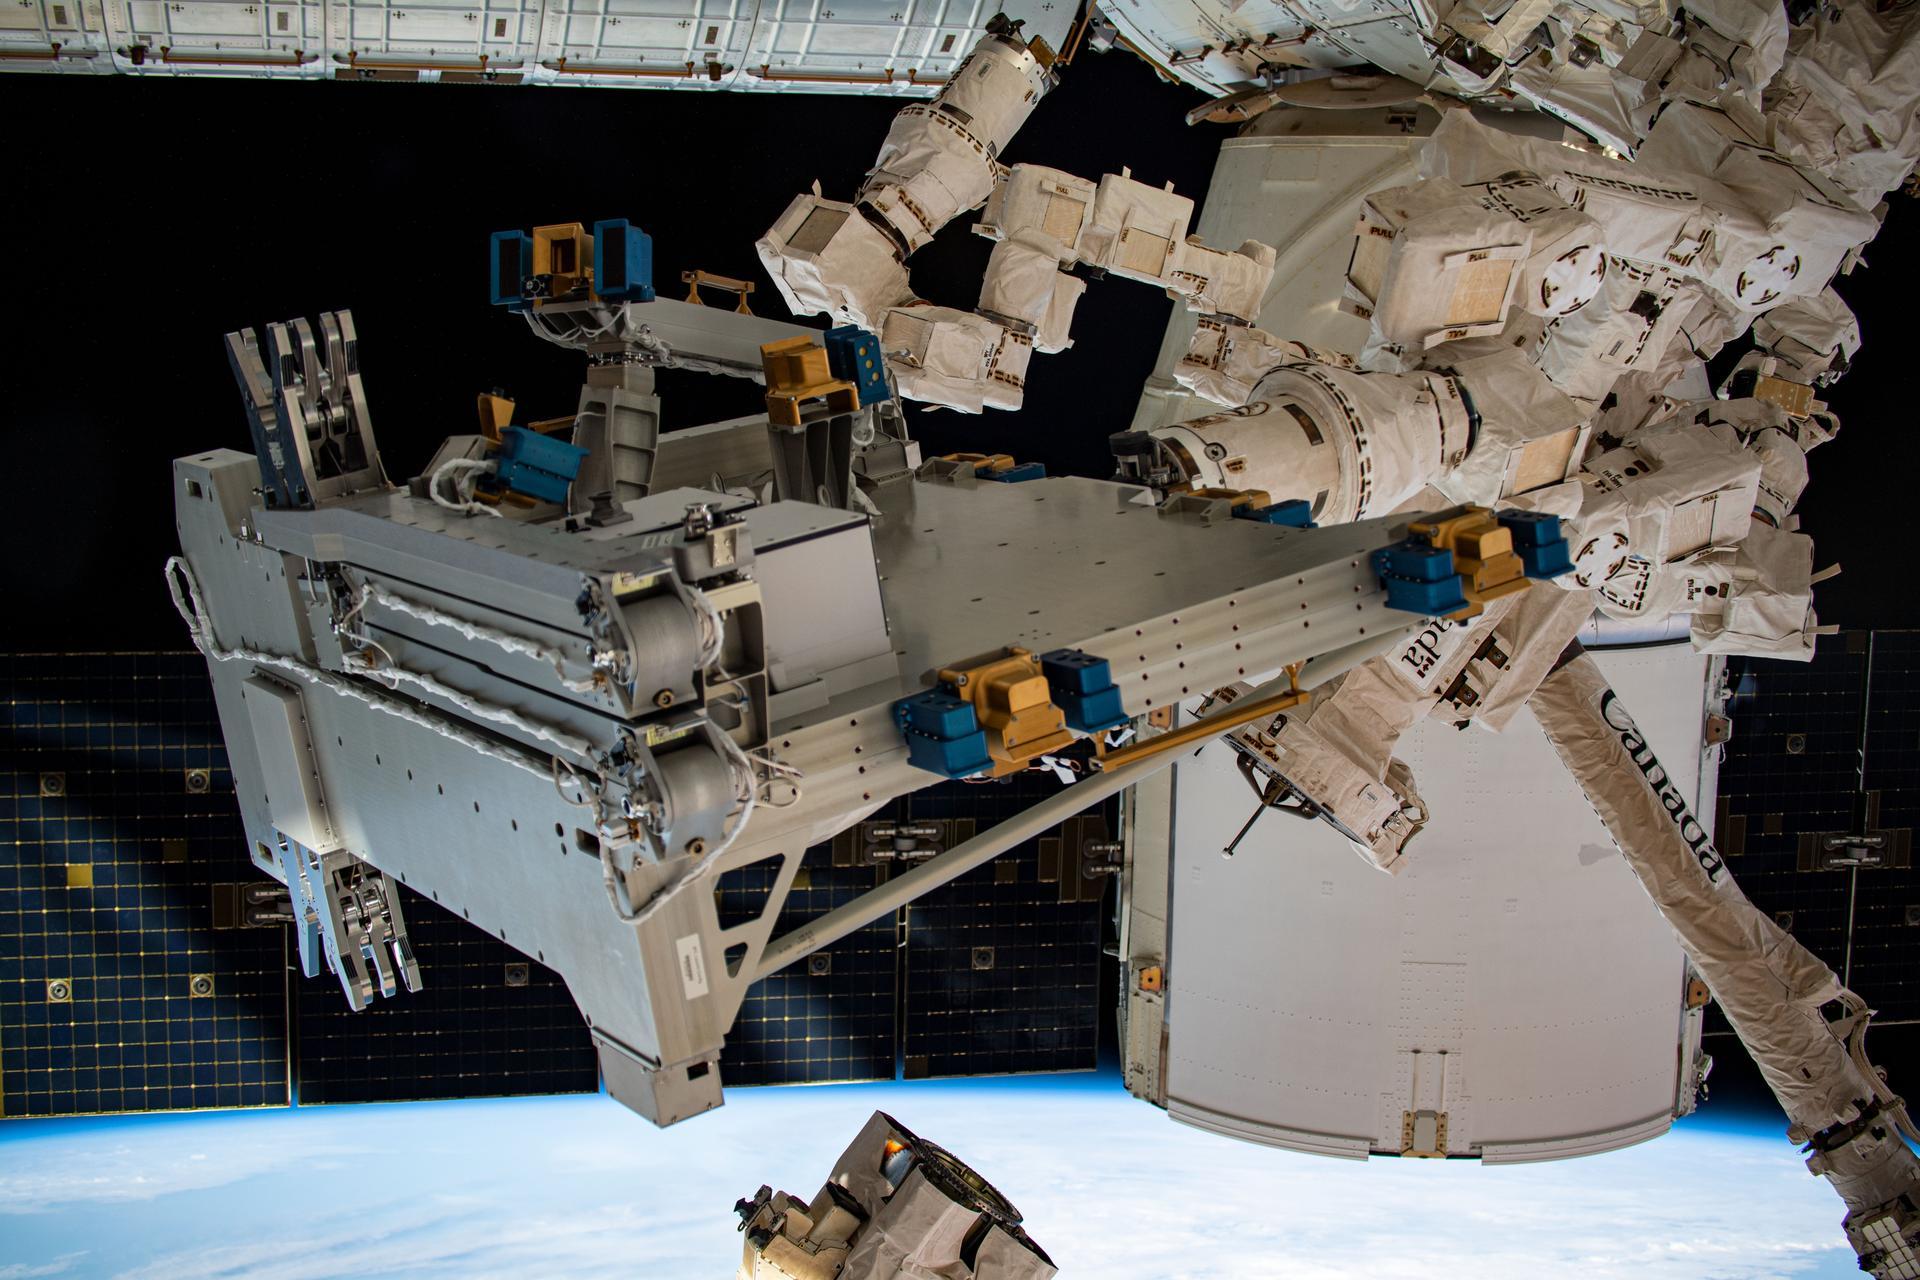 Bartolomeo en position de stationnement sous le module Destiny sur la Station spatiale internationale (ISS).  La plate-forme externe européenne Bartolomeo est une amélioration du module européen Columbus de la Station spatiale internationale (ISS) et de son infrastructure.